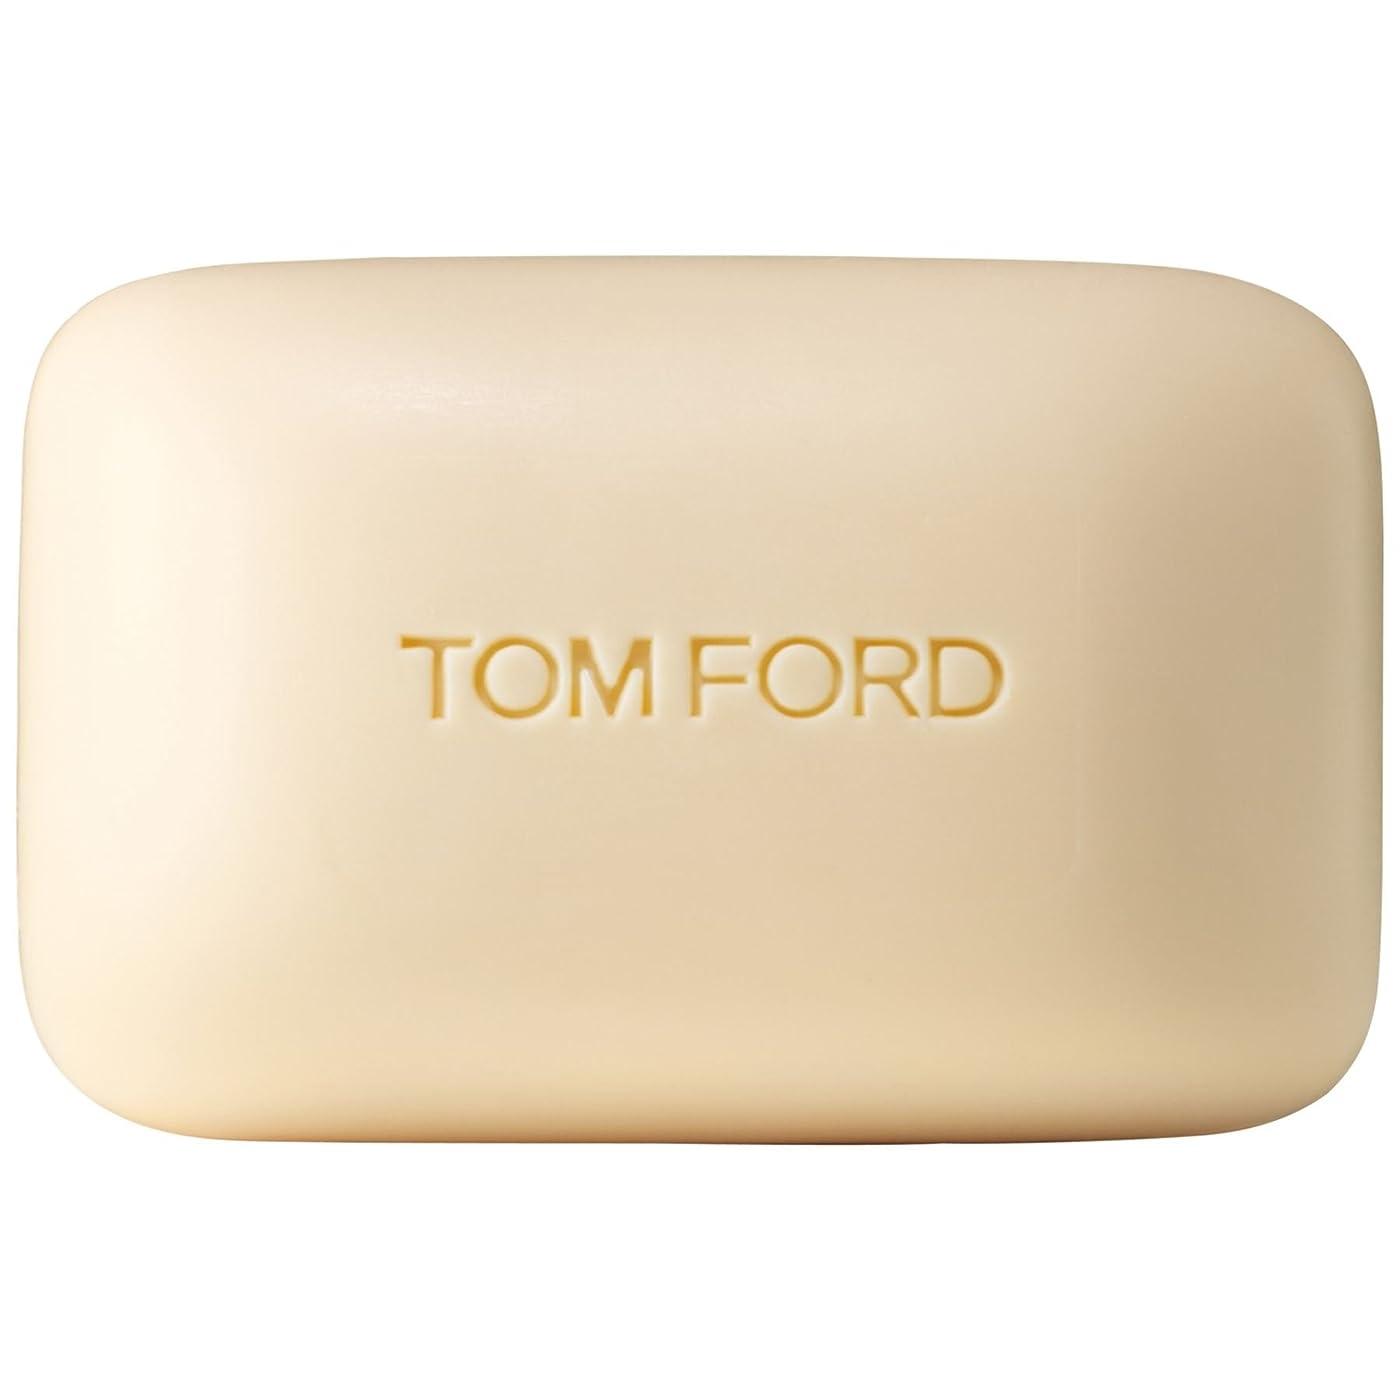 追放最後の折る[Tom Ford ] トムフォードネロリポルトフィーノ入浴石鹸150グラム - TOM FORD Neroli Portofino Bath Soap 150g [並行輸入品]